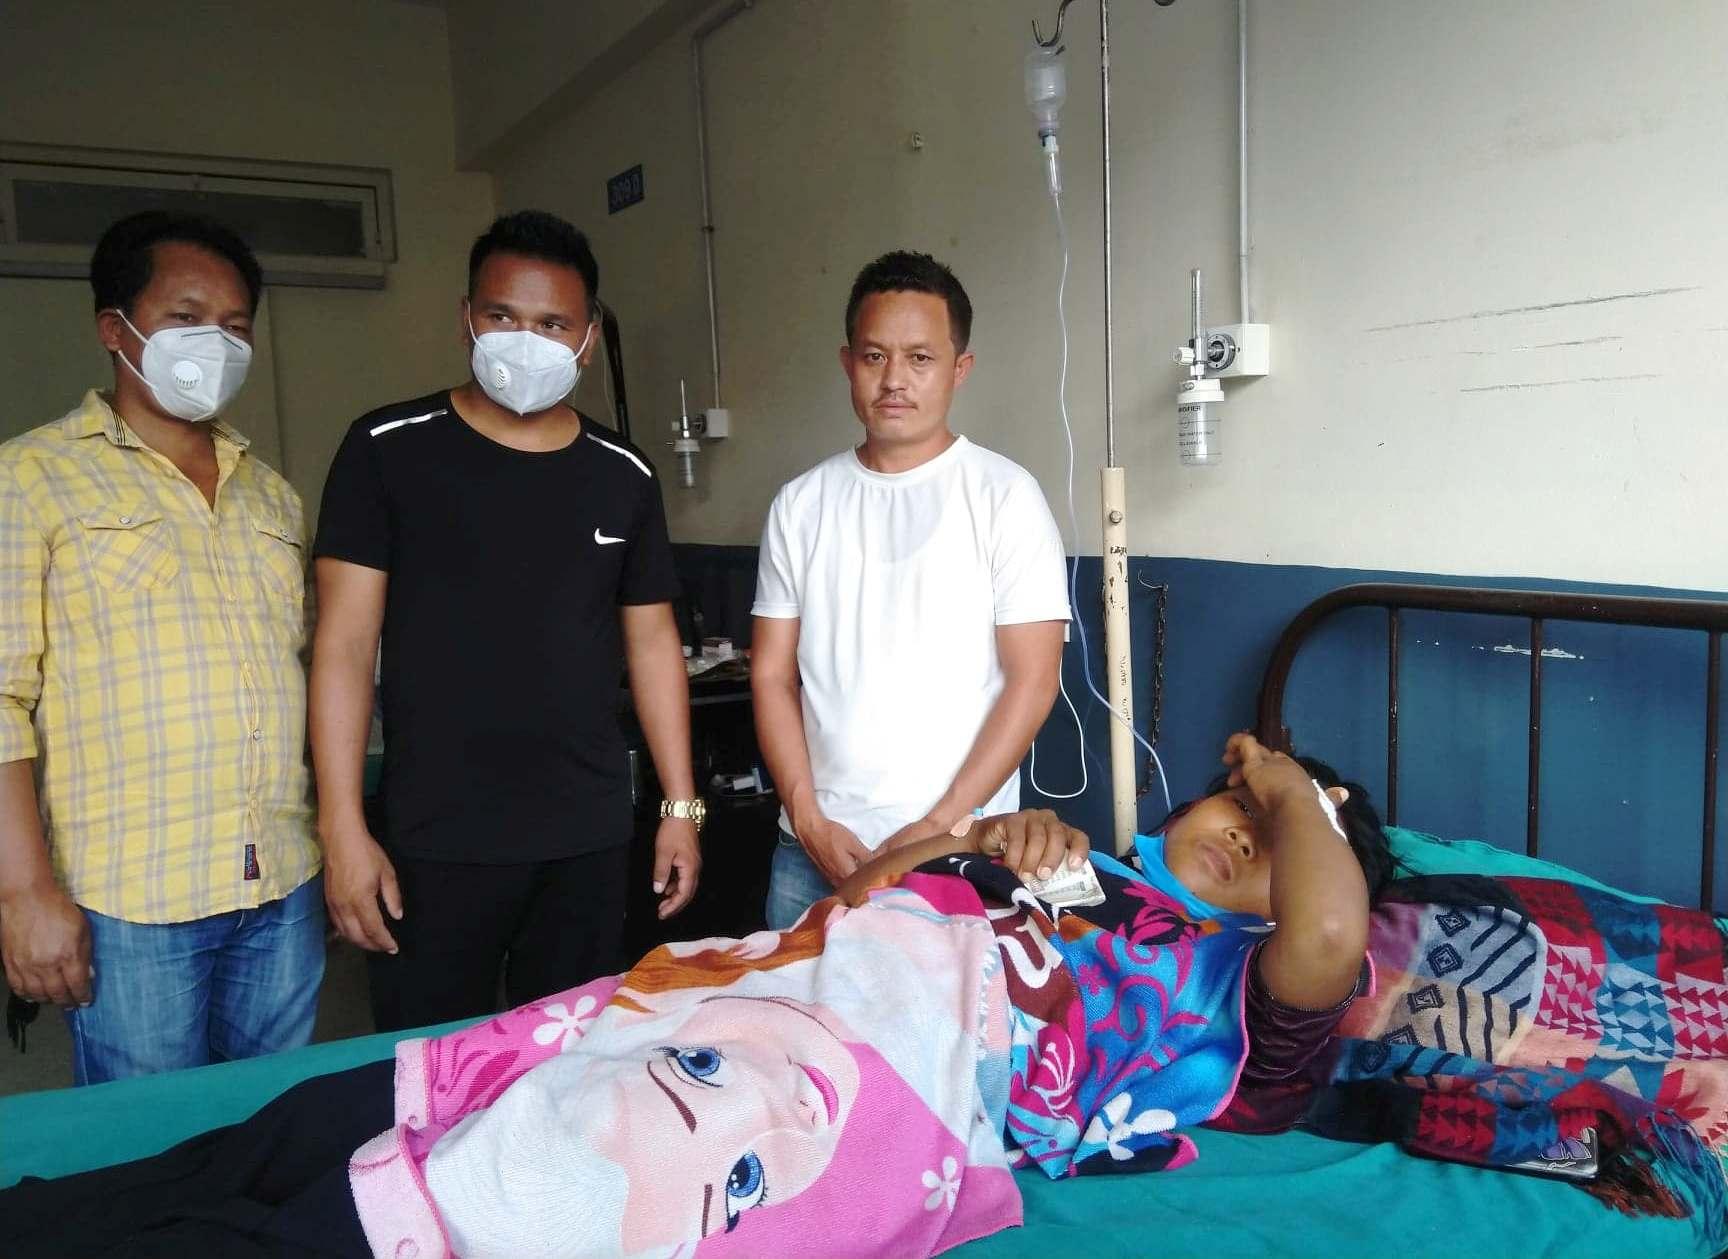 काभ्रेका मजदुर नेता लामाले ३ रोगीलाई सहयोग गर्दै मनाए आफ्नो जन्मदिन